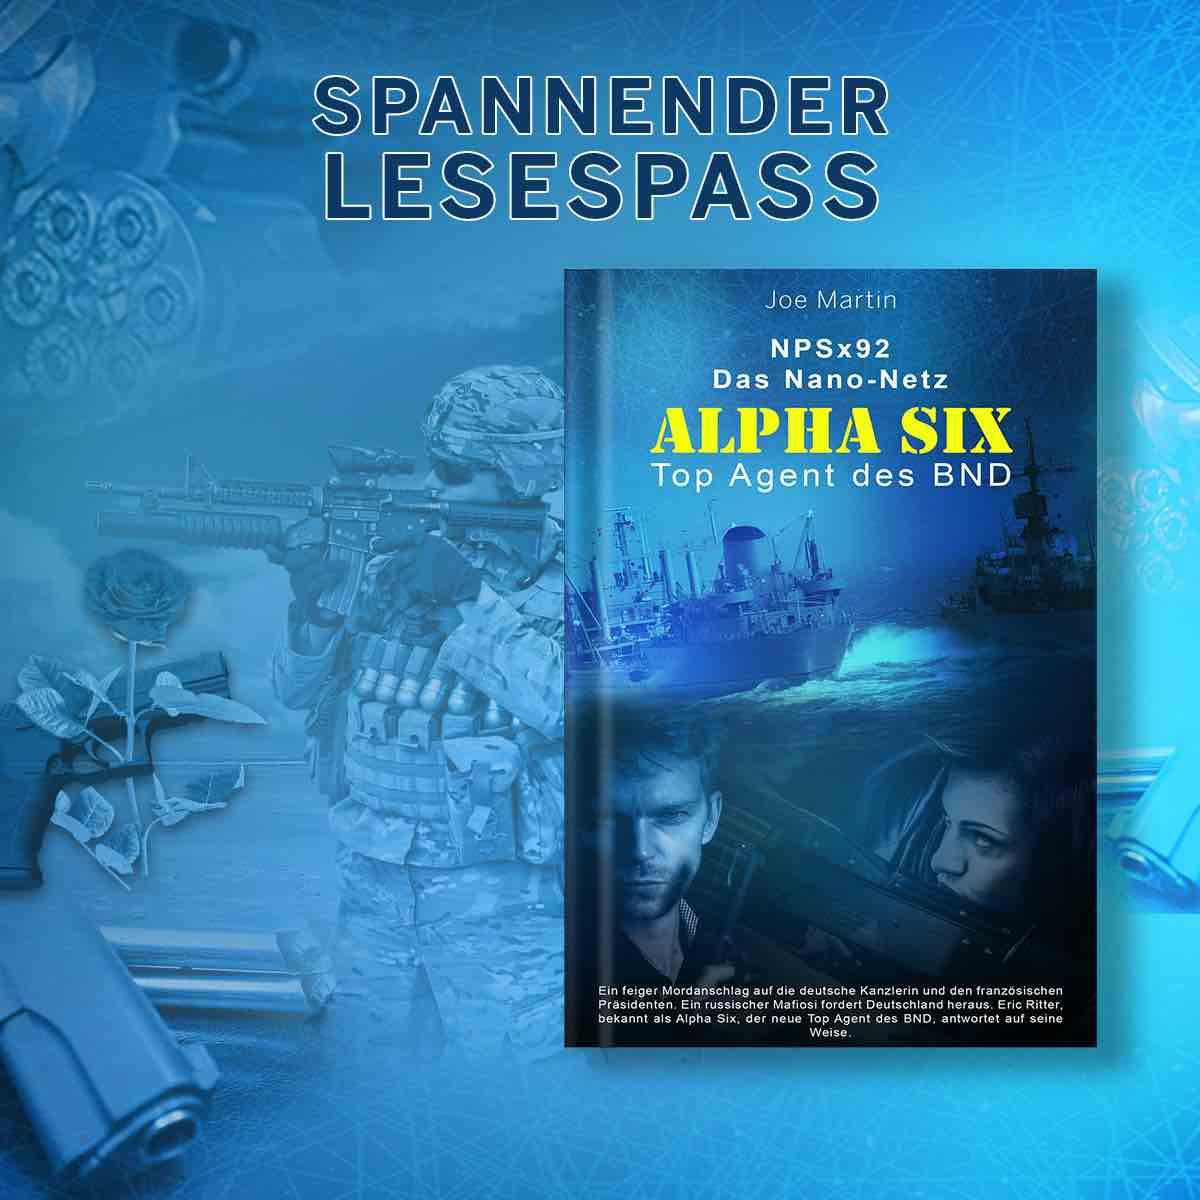 Alpha Six Werbung